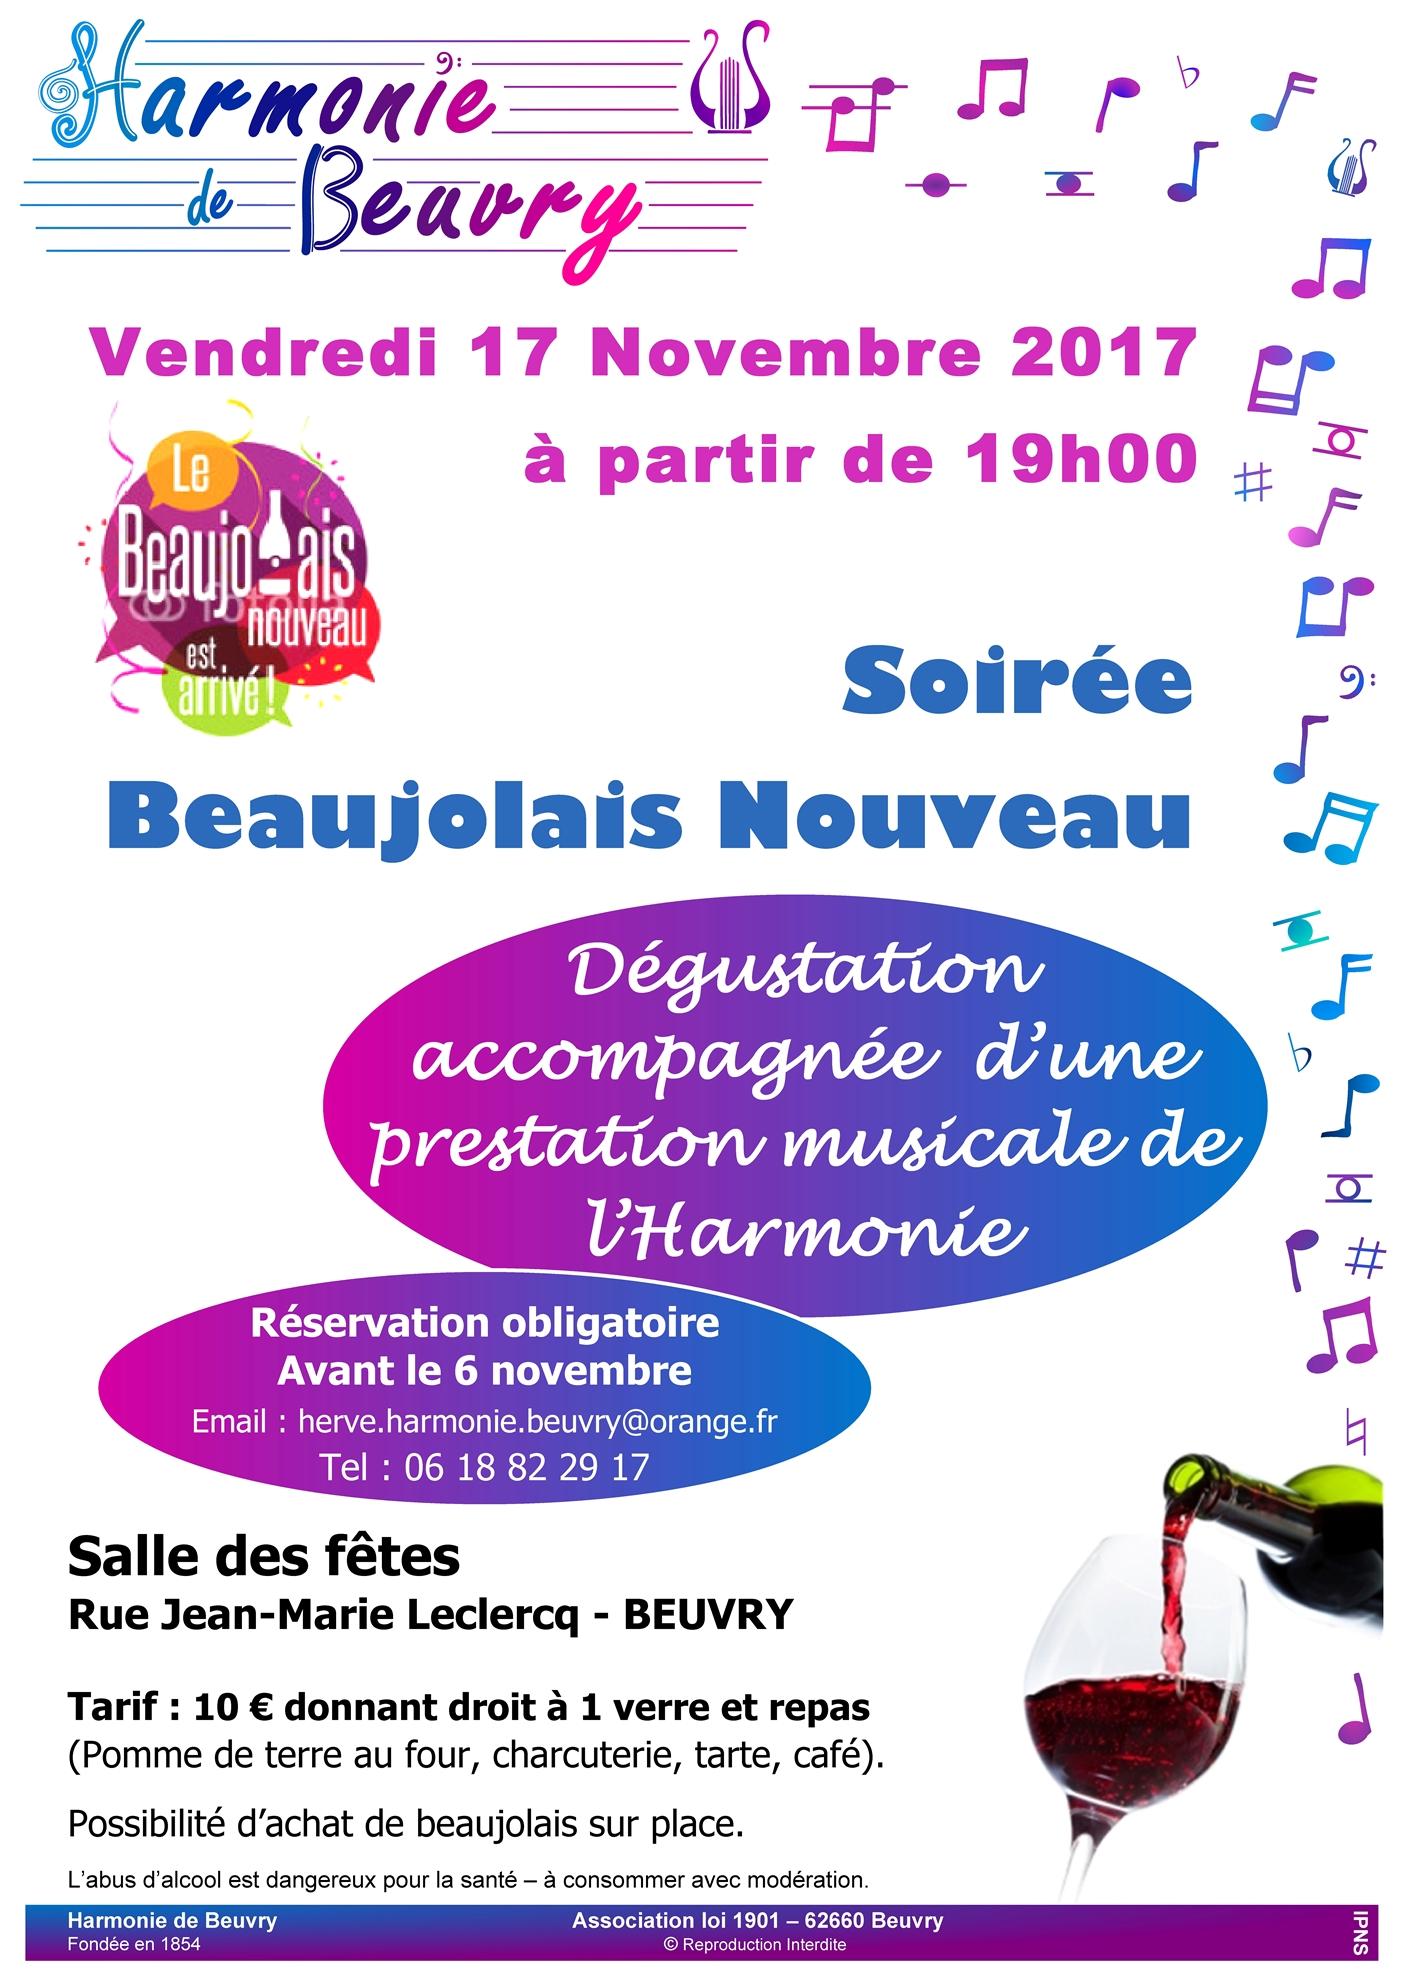 3ème soirée Beaujolais Nouveau dans Festivités visuel-beaujolais-2017